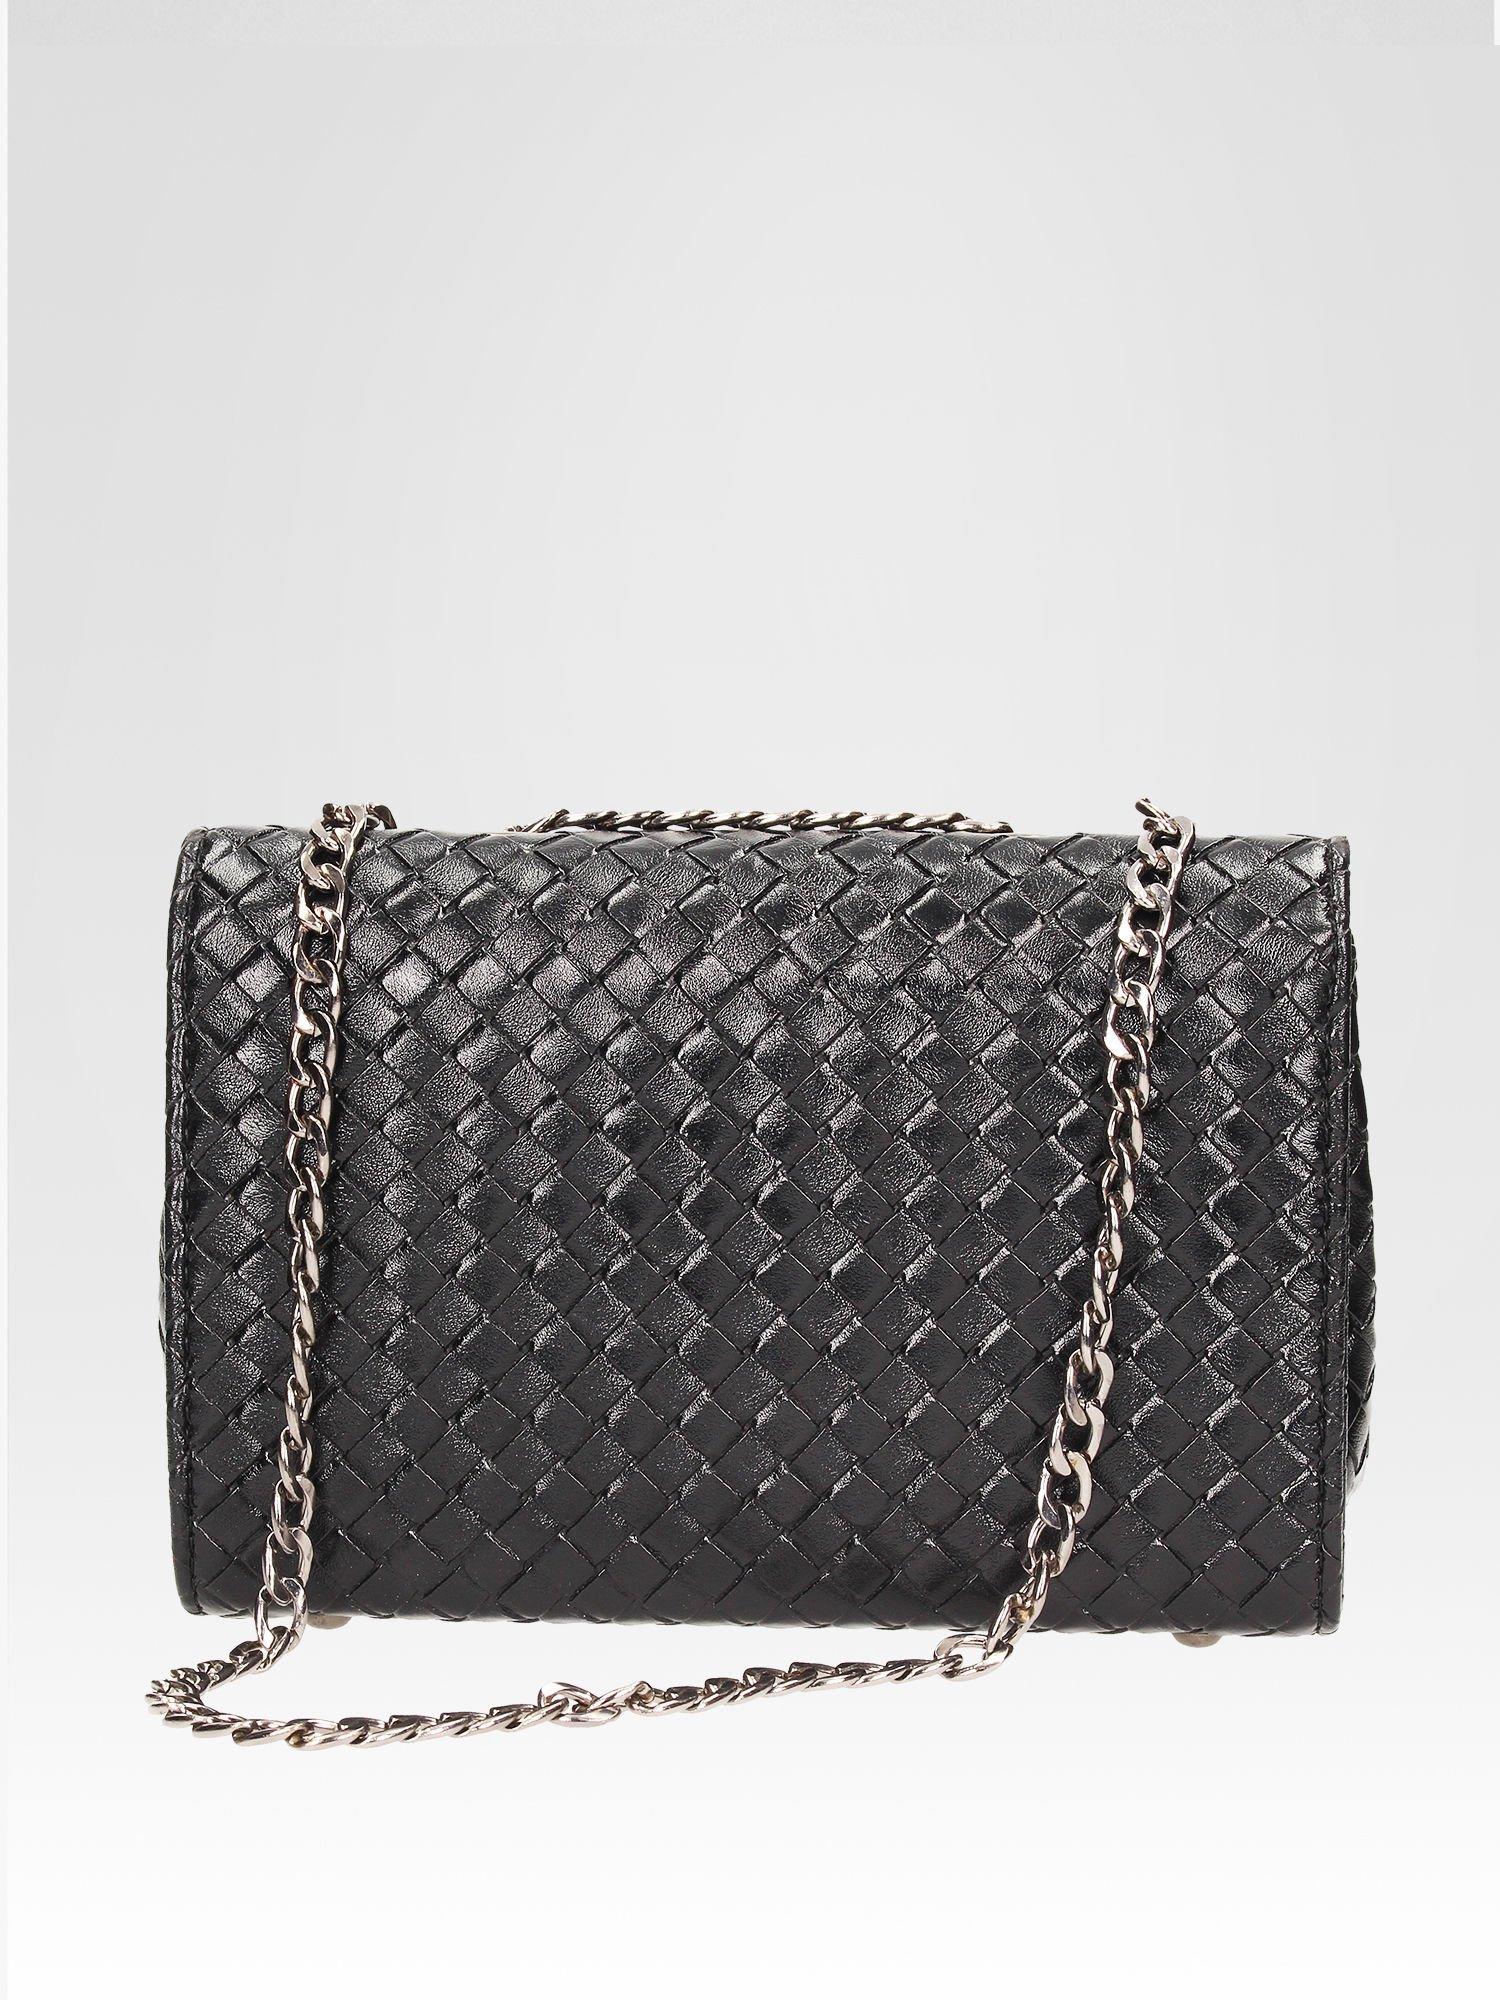 Czarna mała pleciona torebka na łańcuszku                                  zdj.                                  4